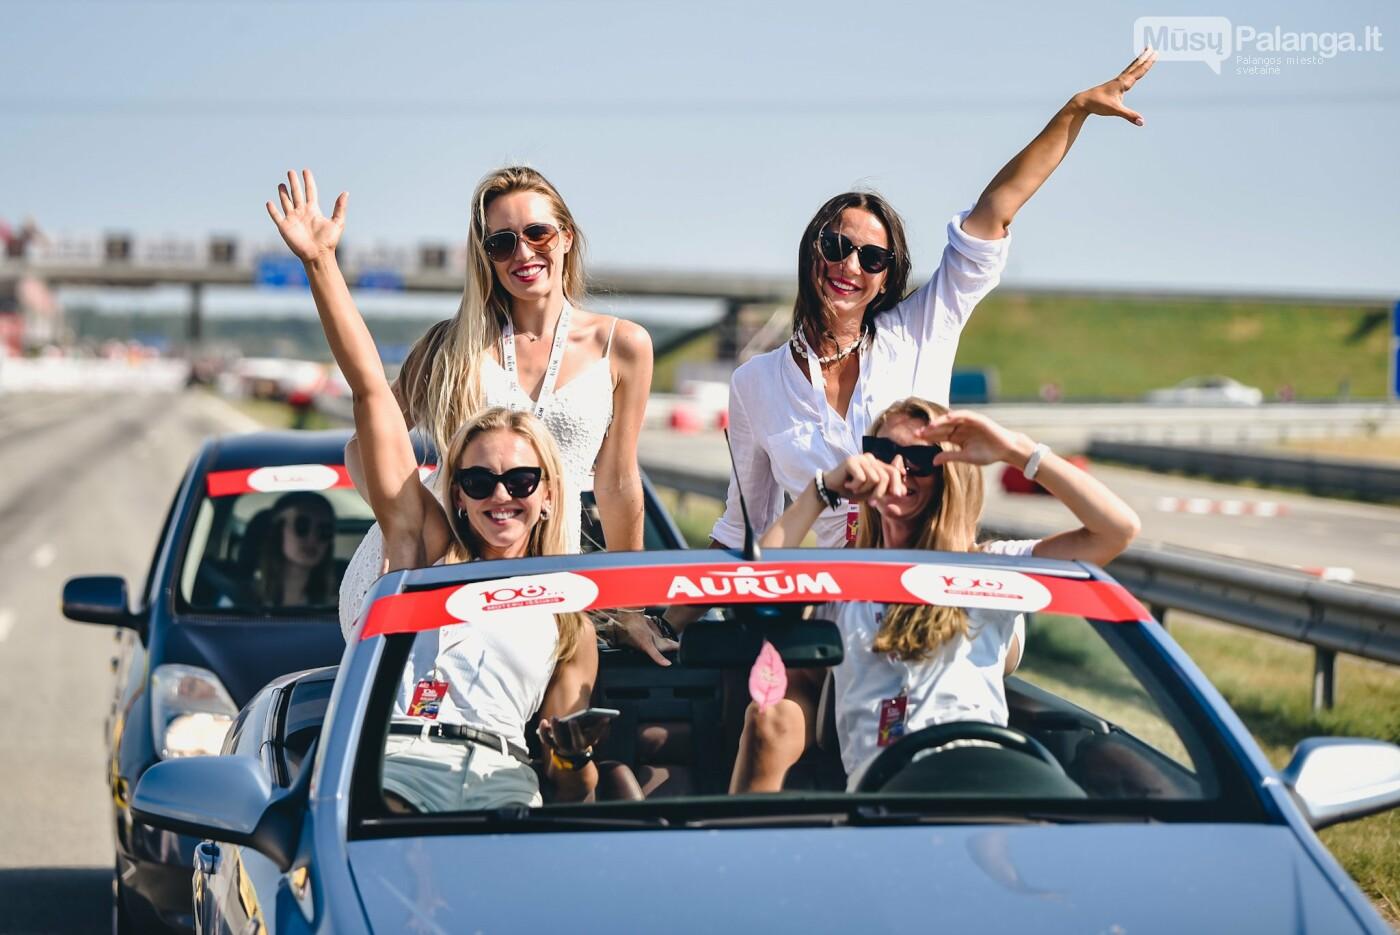 Žiūrovus žavėjo kilometrinė moterų iššūkio dalyvių kolona, nuotrauka-16, Vytauto PILKAUSKO ir Arno STRUMILOS nuotraukos